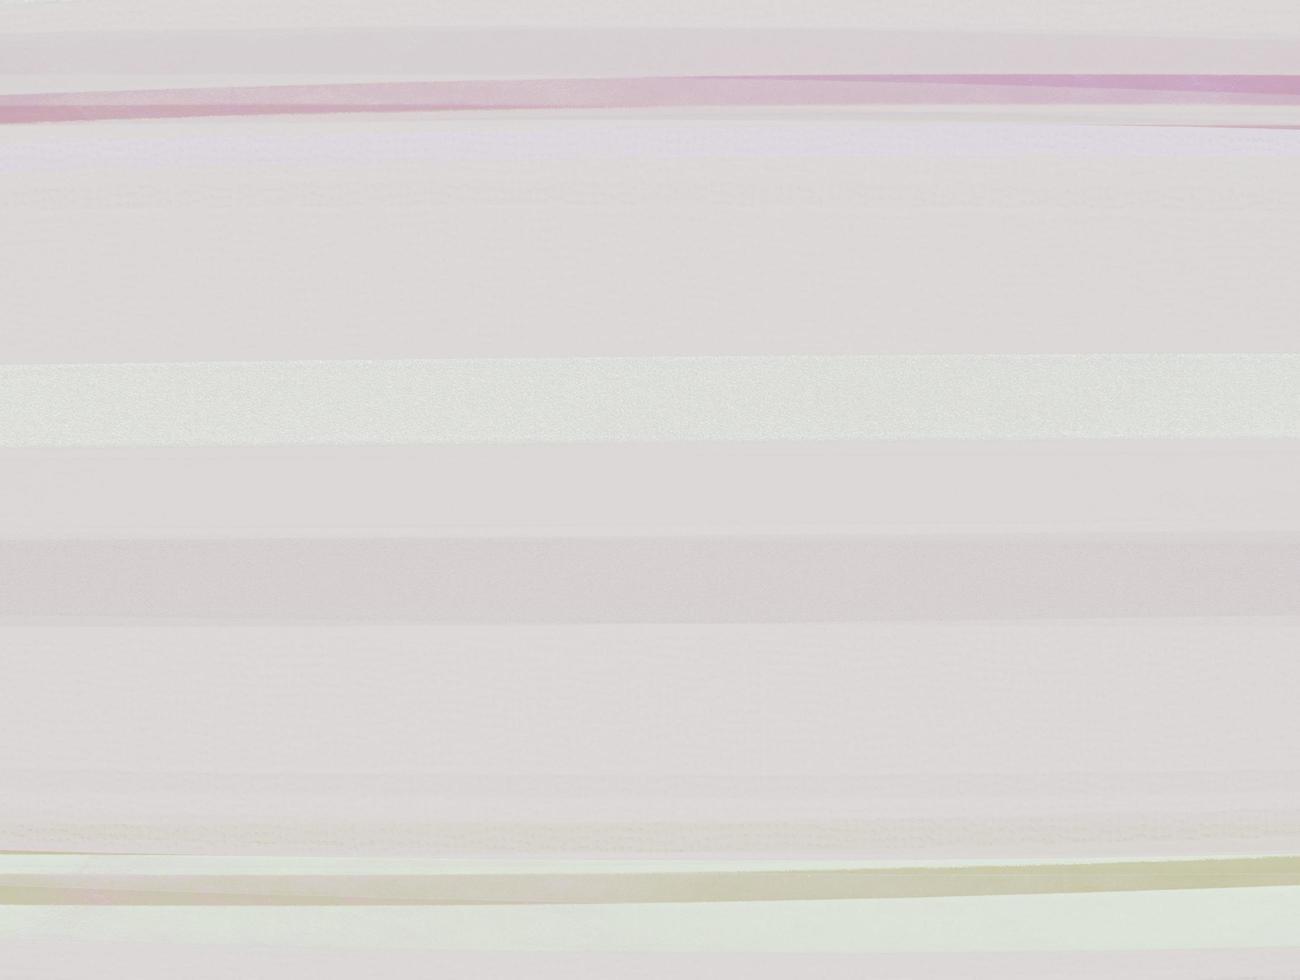 abstracte lijnen op een muur foto